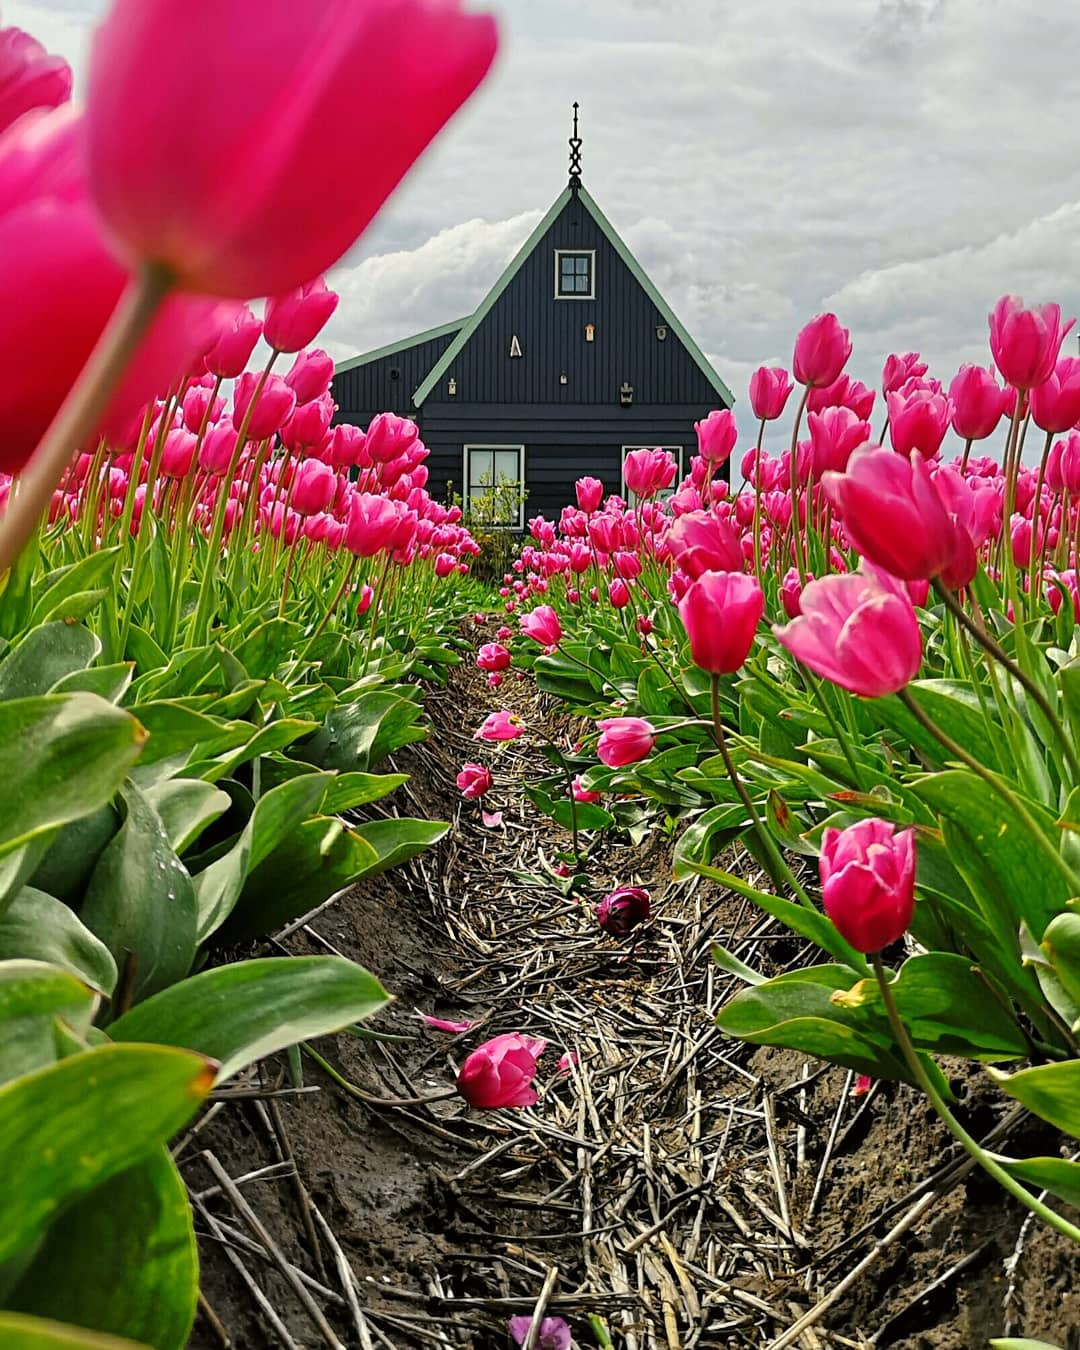 A tulipánok szépsége Dirk Jan Pirsma képeiben